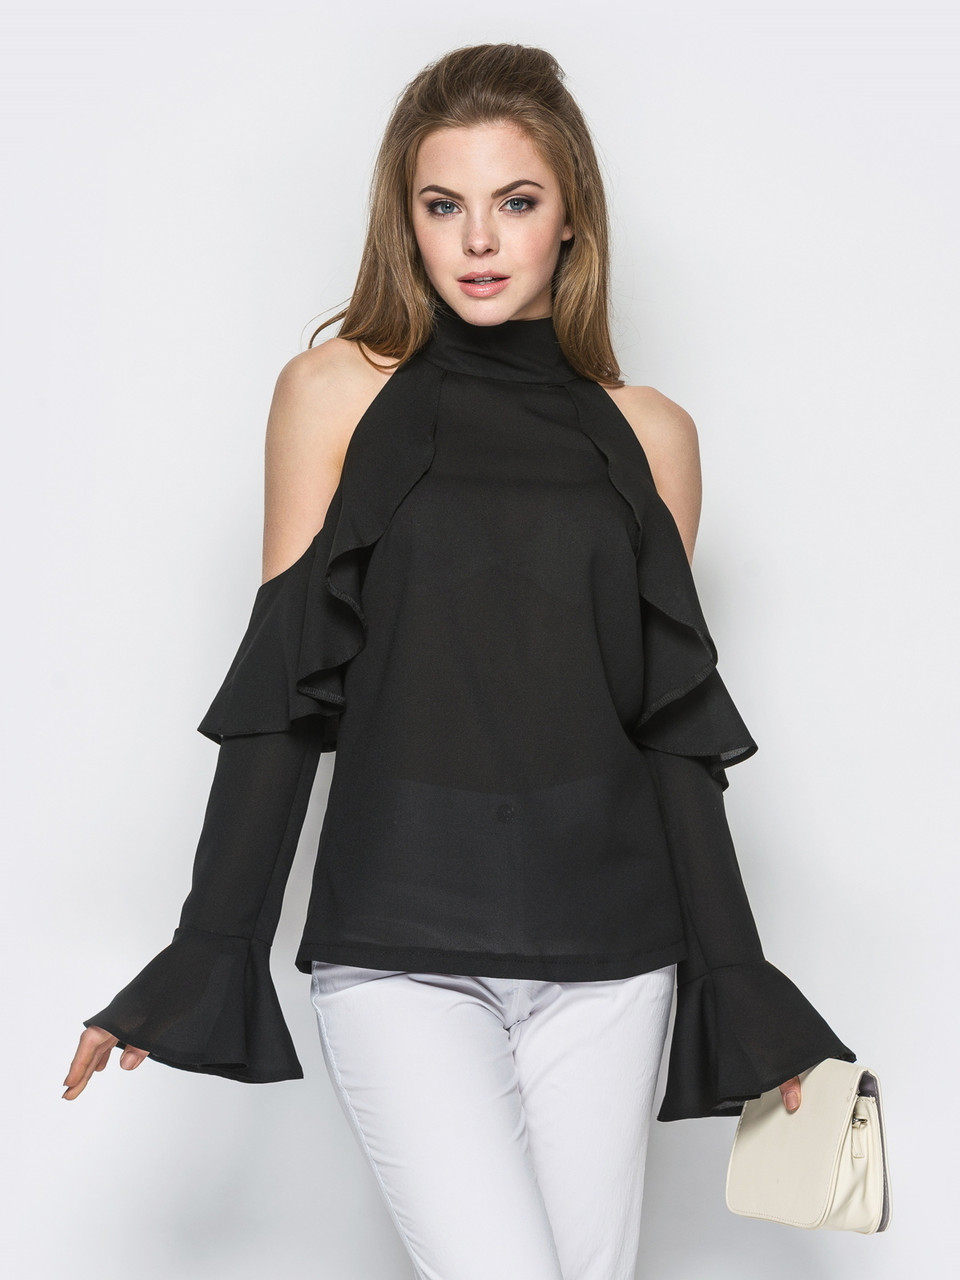 модные женские блузки весна лето 2019: с открытыми плечами черная рукава длинные с воланами